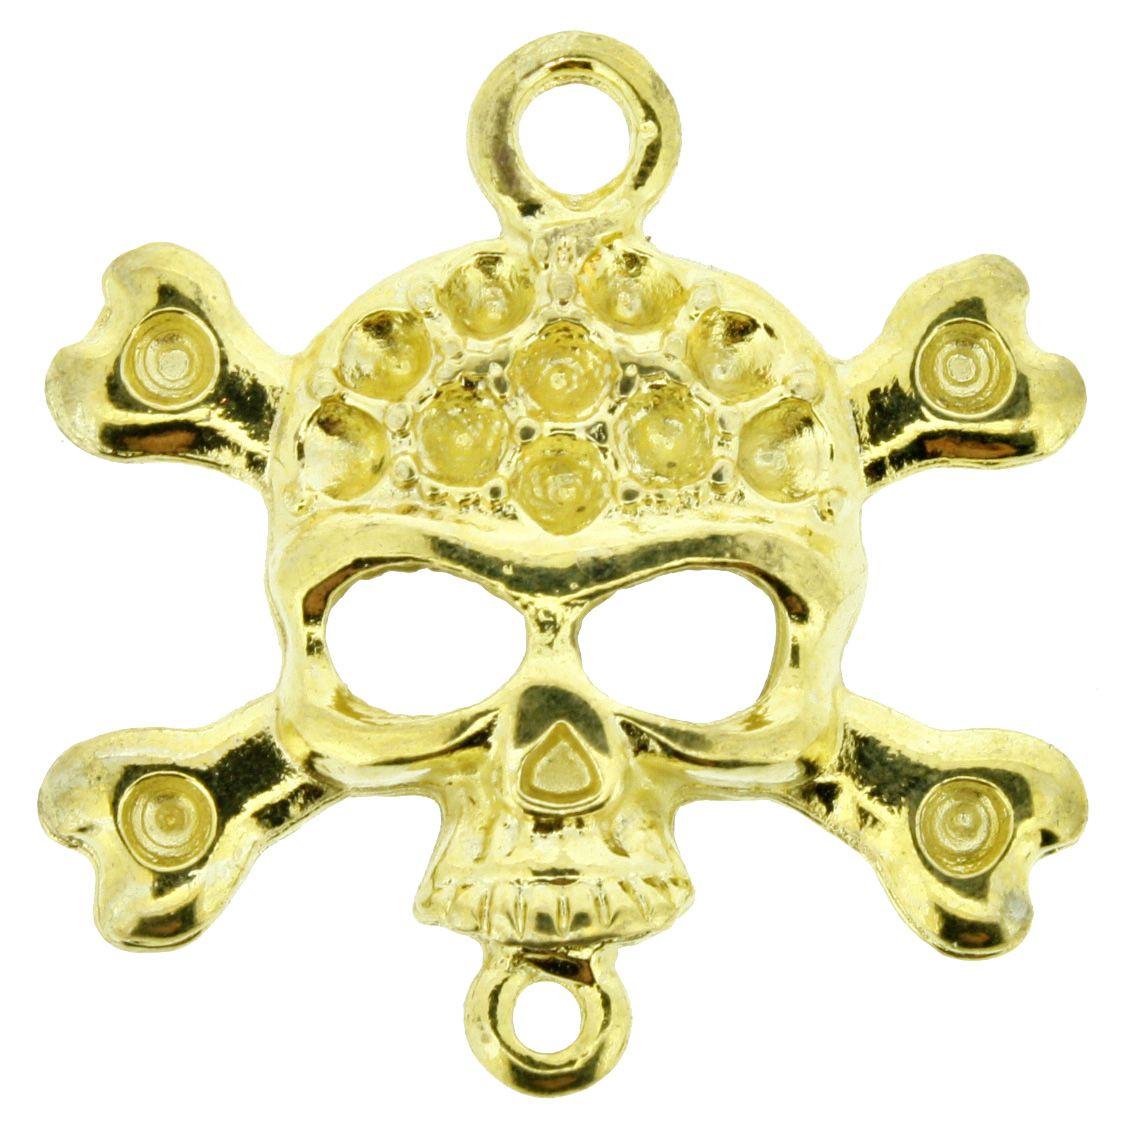 Caveira - Dourado - 30mm - 01 Peça  - Universo Religioso® - Artigos de Umbanda e Candomblé